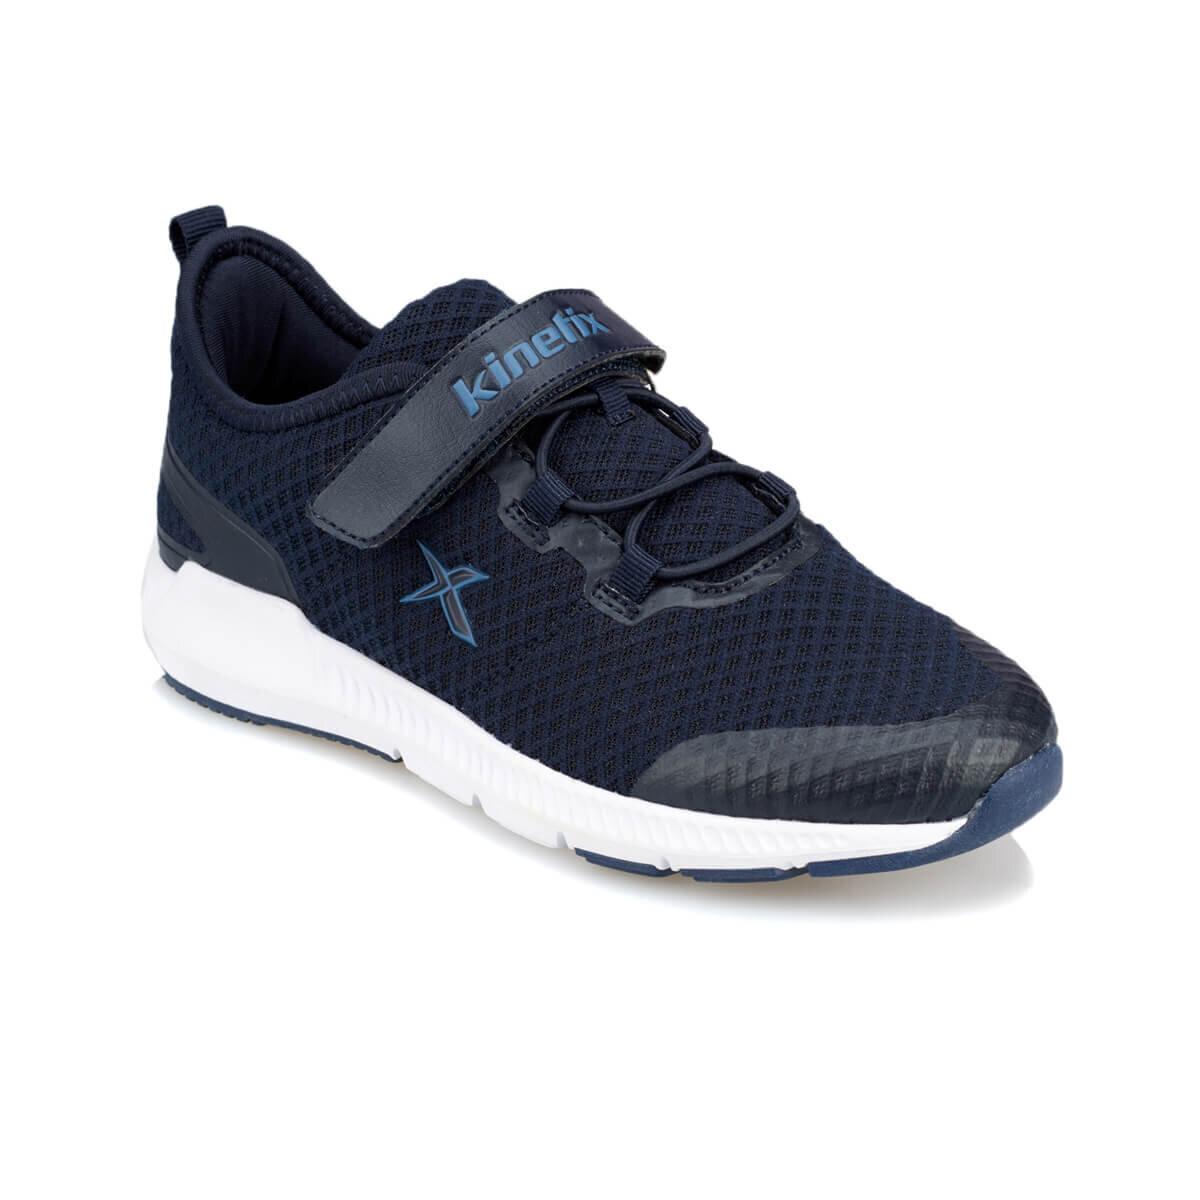 Lacivert Erkek Çocuk Yürüyüş Ayakkabısı LAZER J